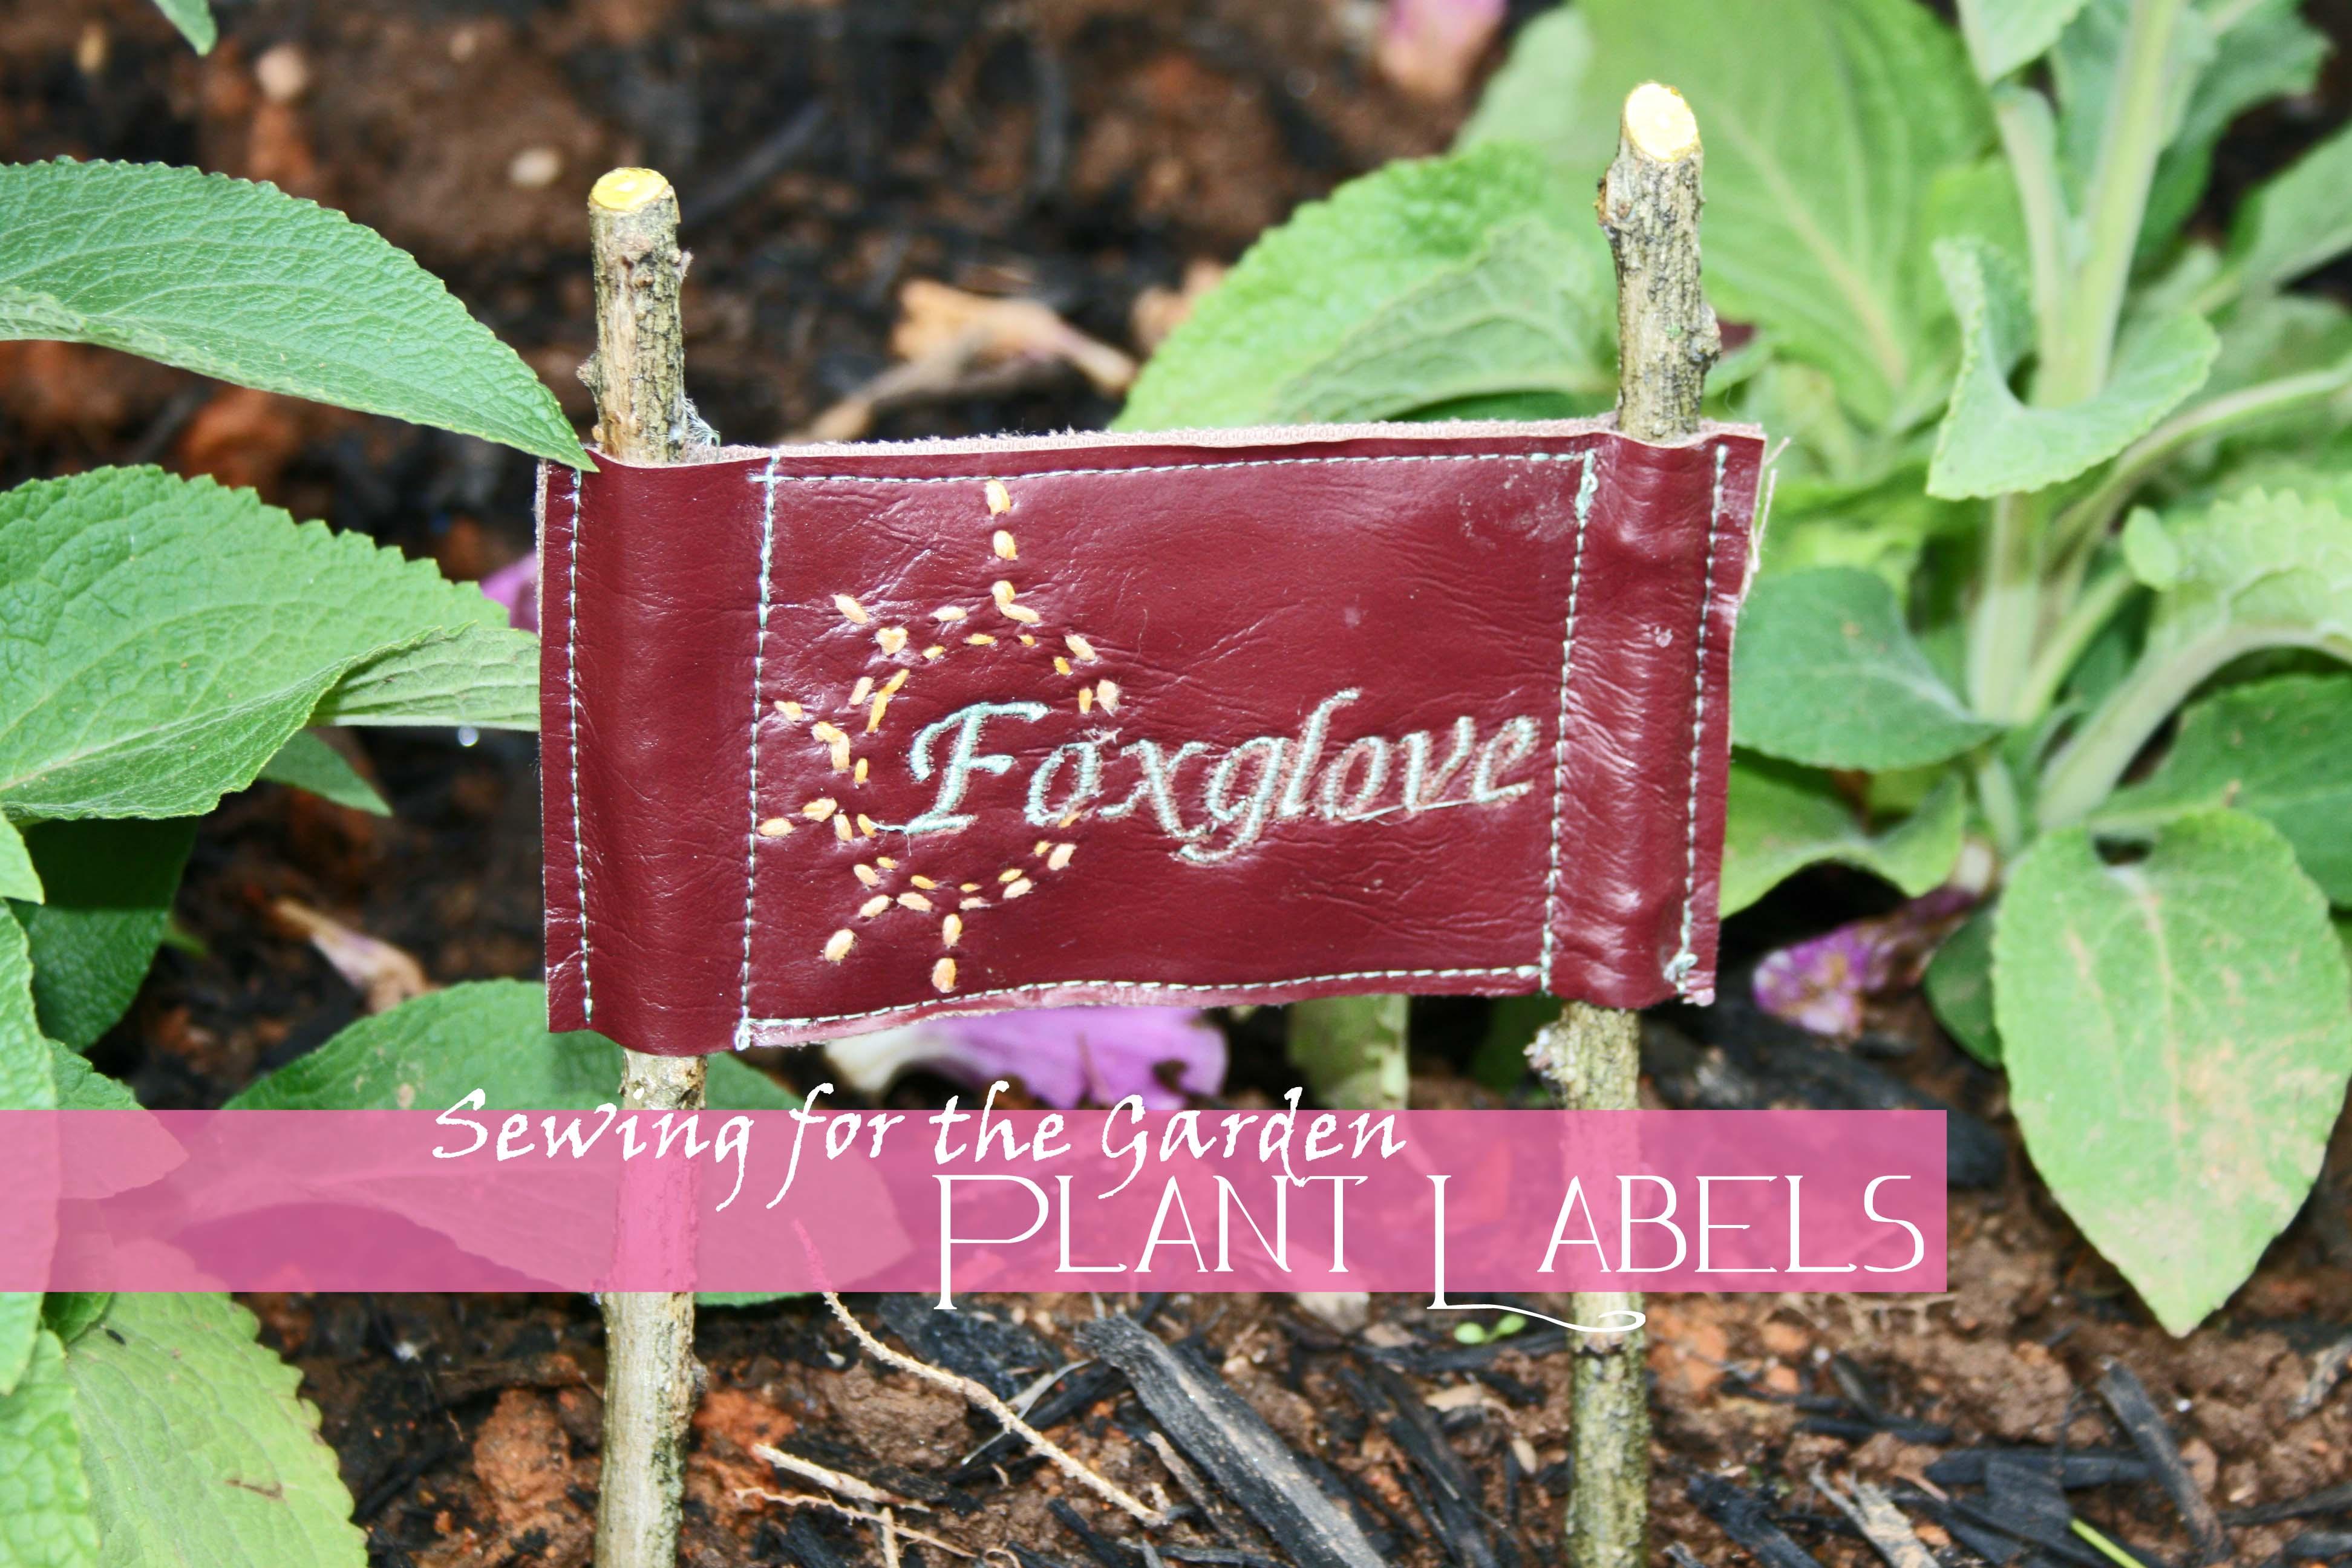 plantlabelsfinished1